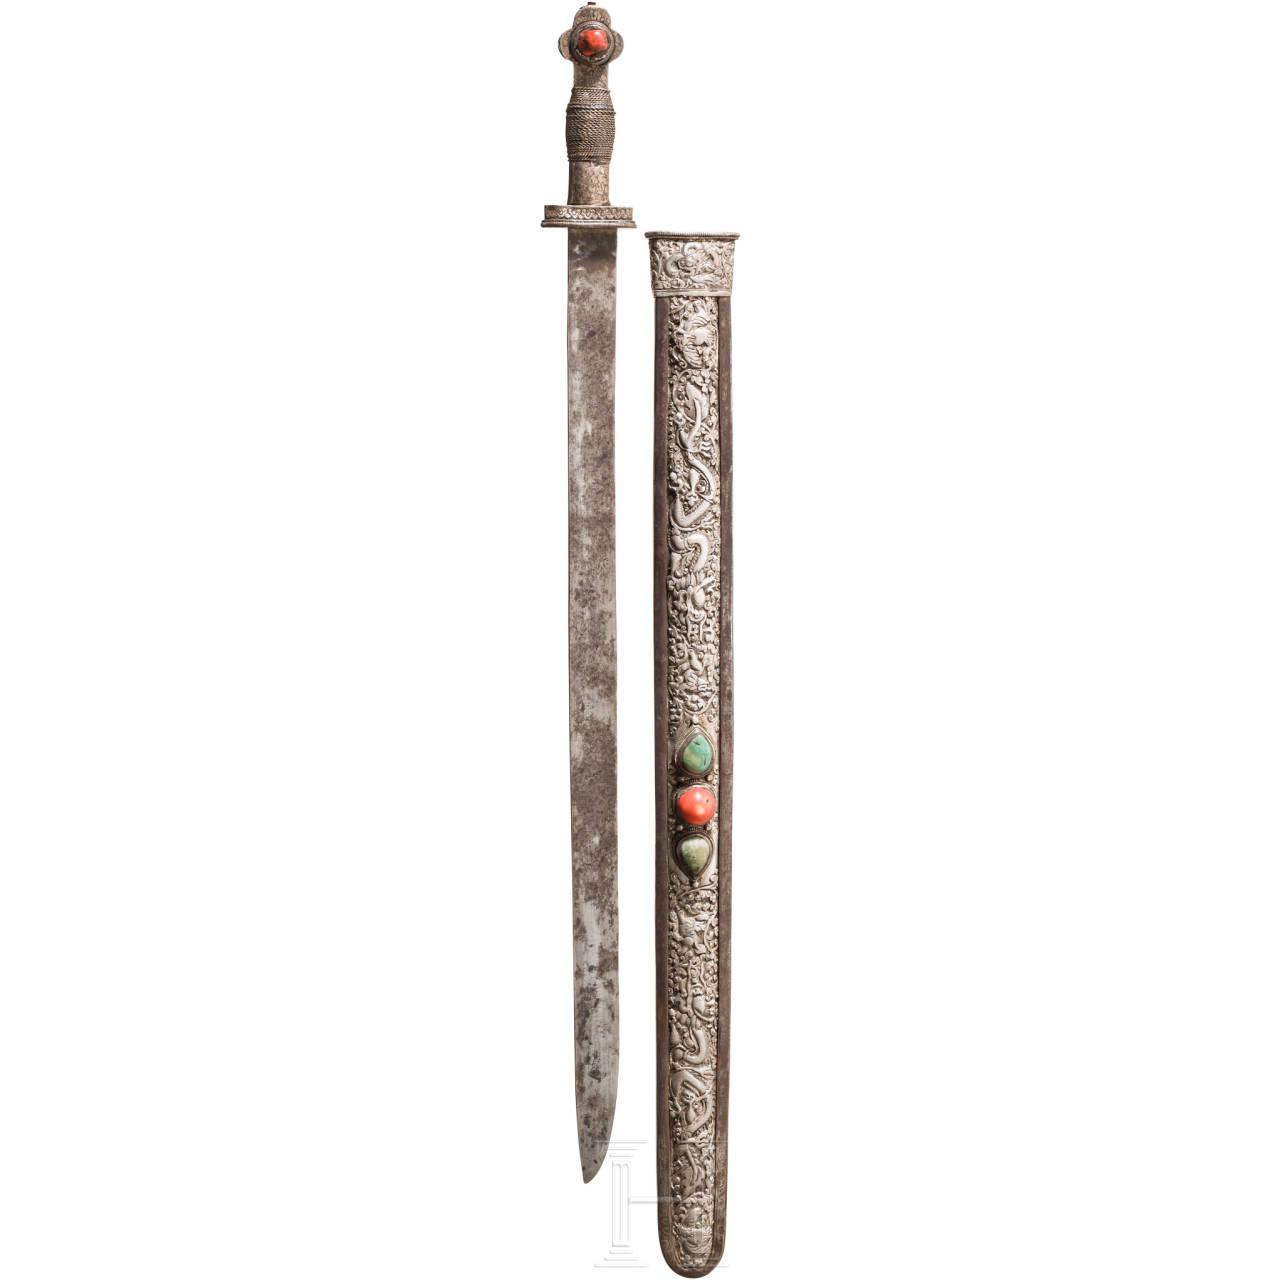 Silbermontiertes, korallen- und türkisbesetztes Schwert, Tibet, 18./19. Jhdt.